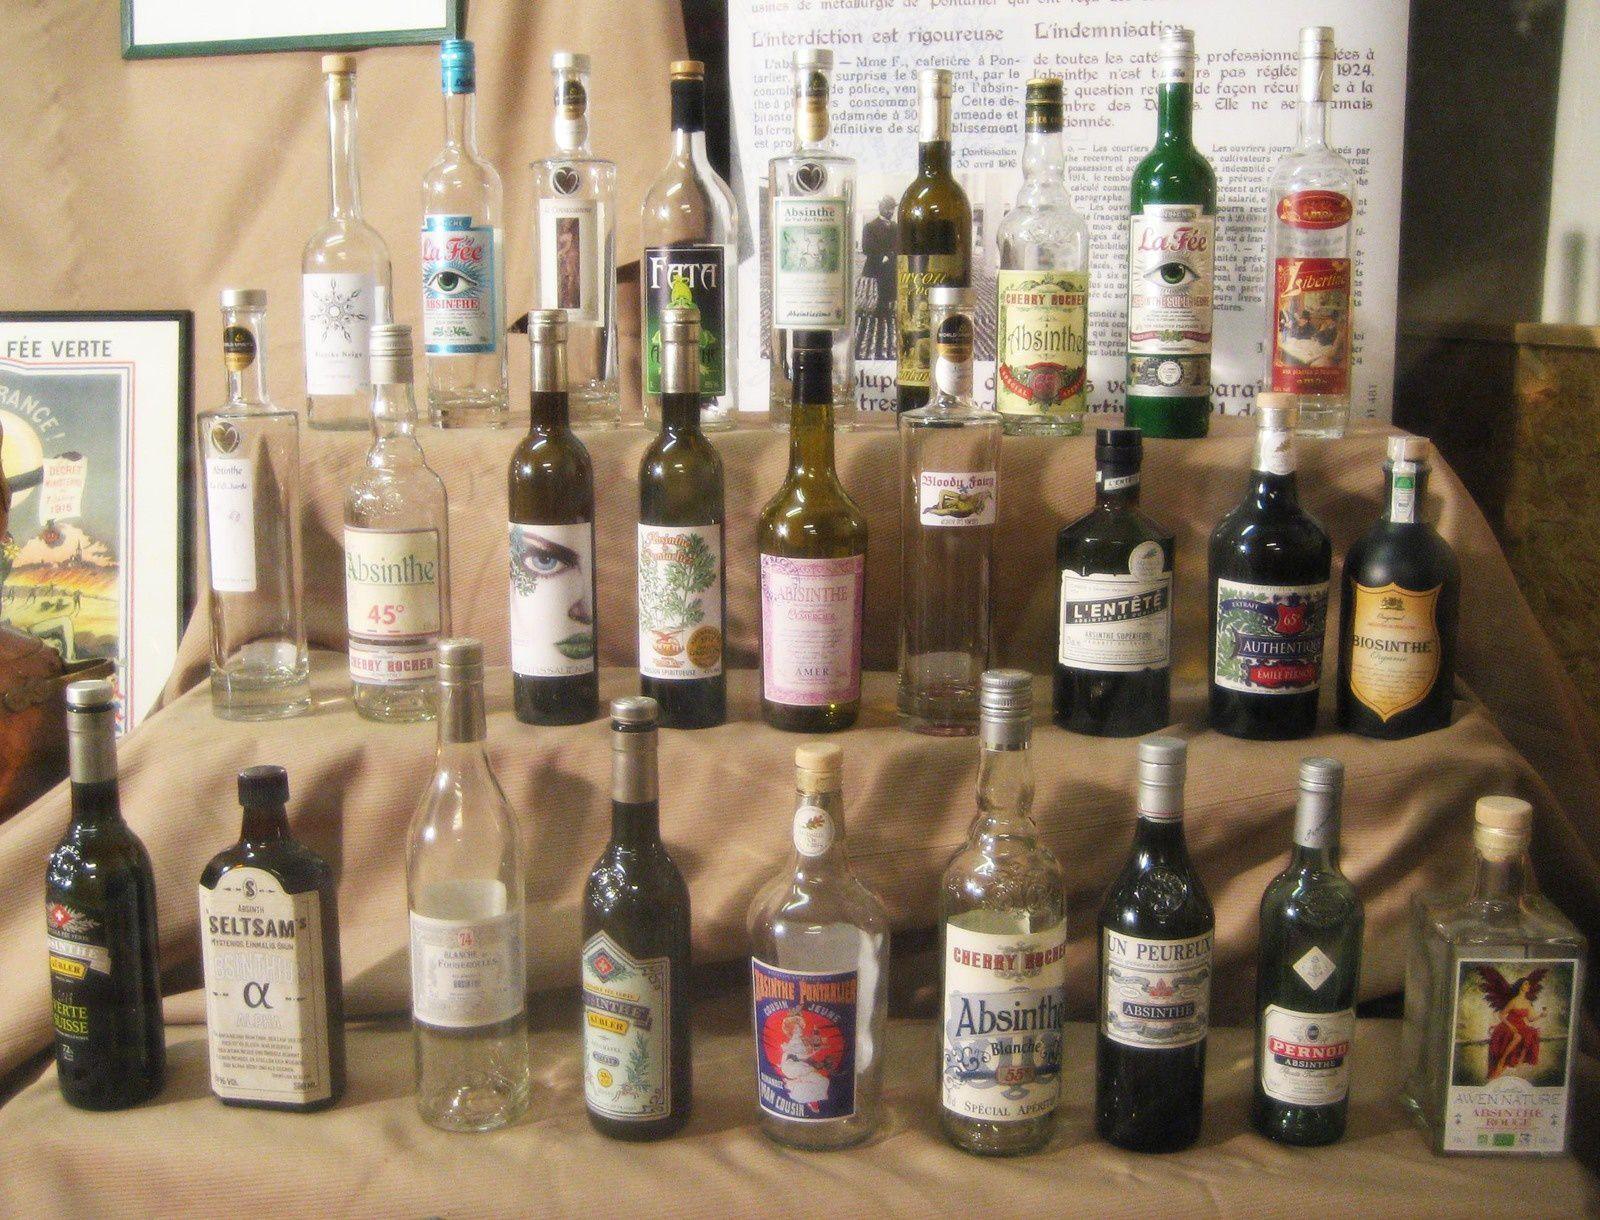 Les 27 bouteilles (vides) participant au concours. Photo Delahaye.